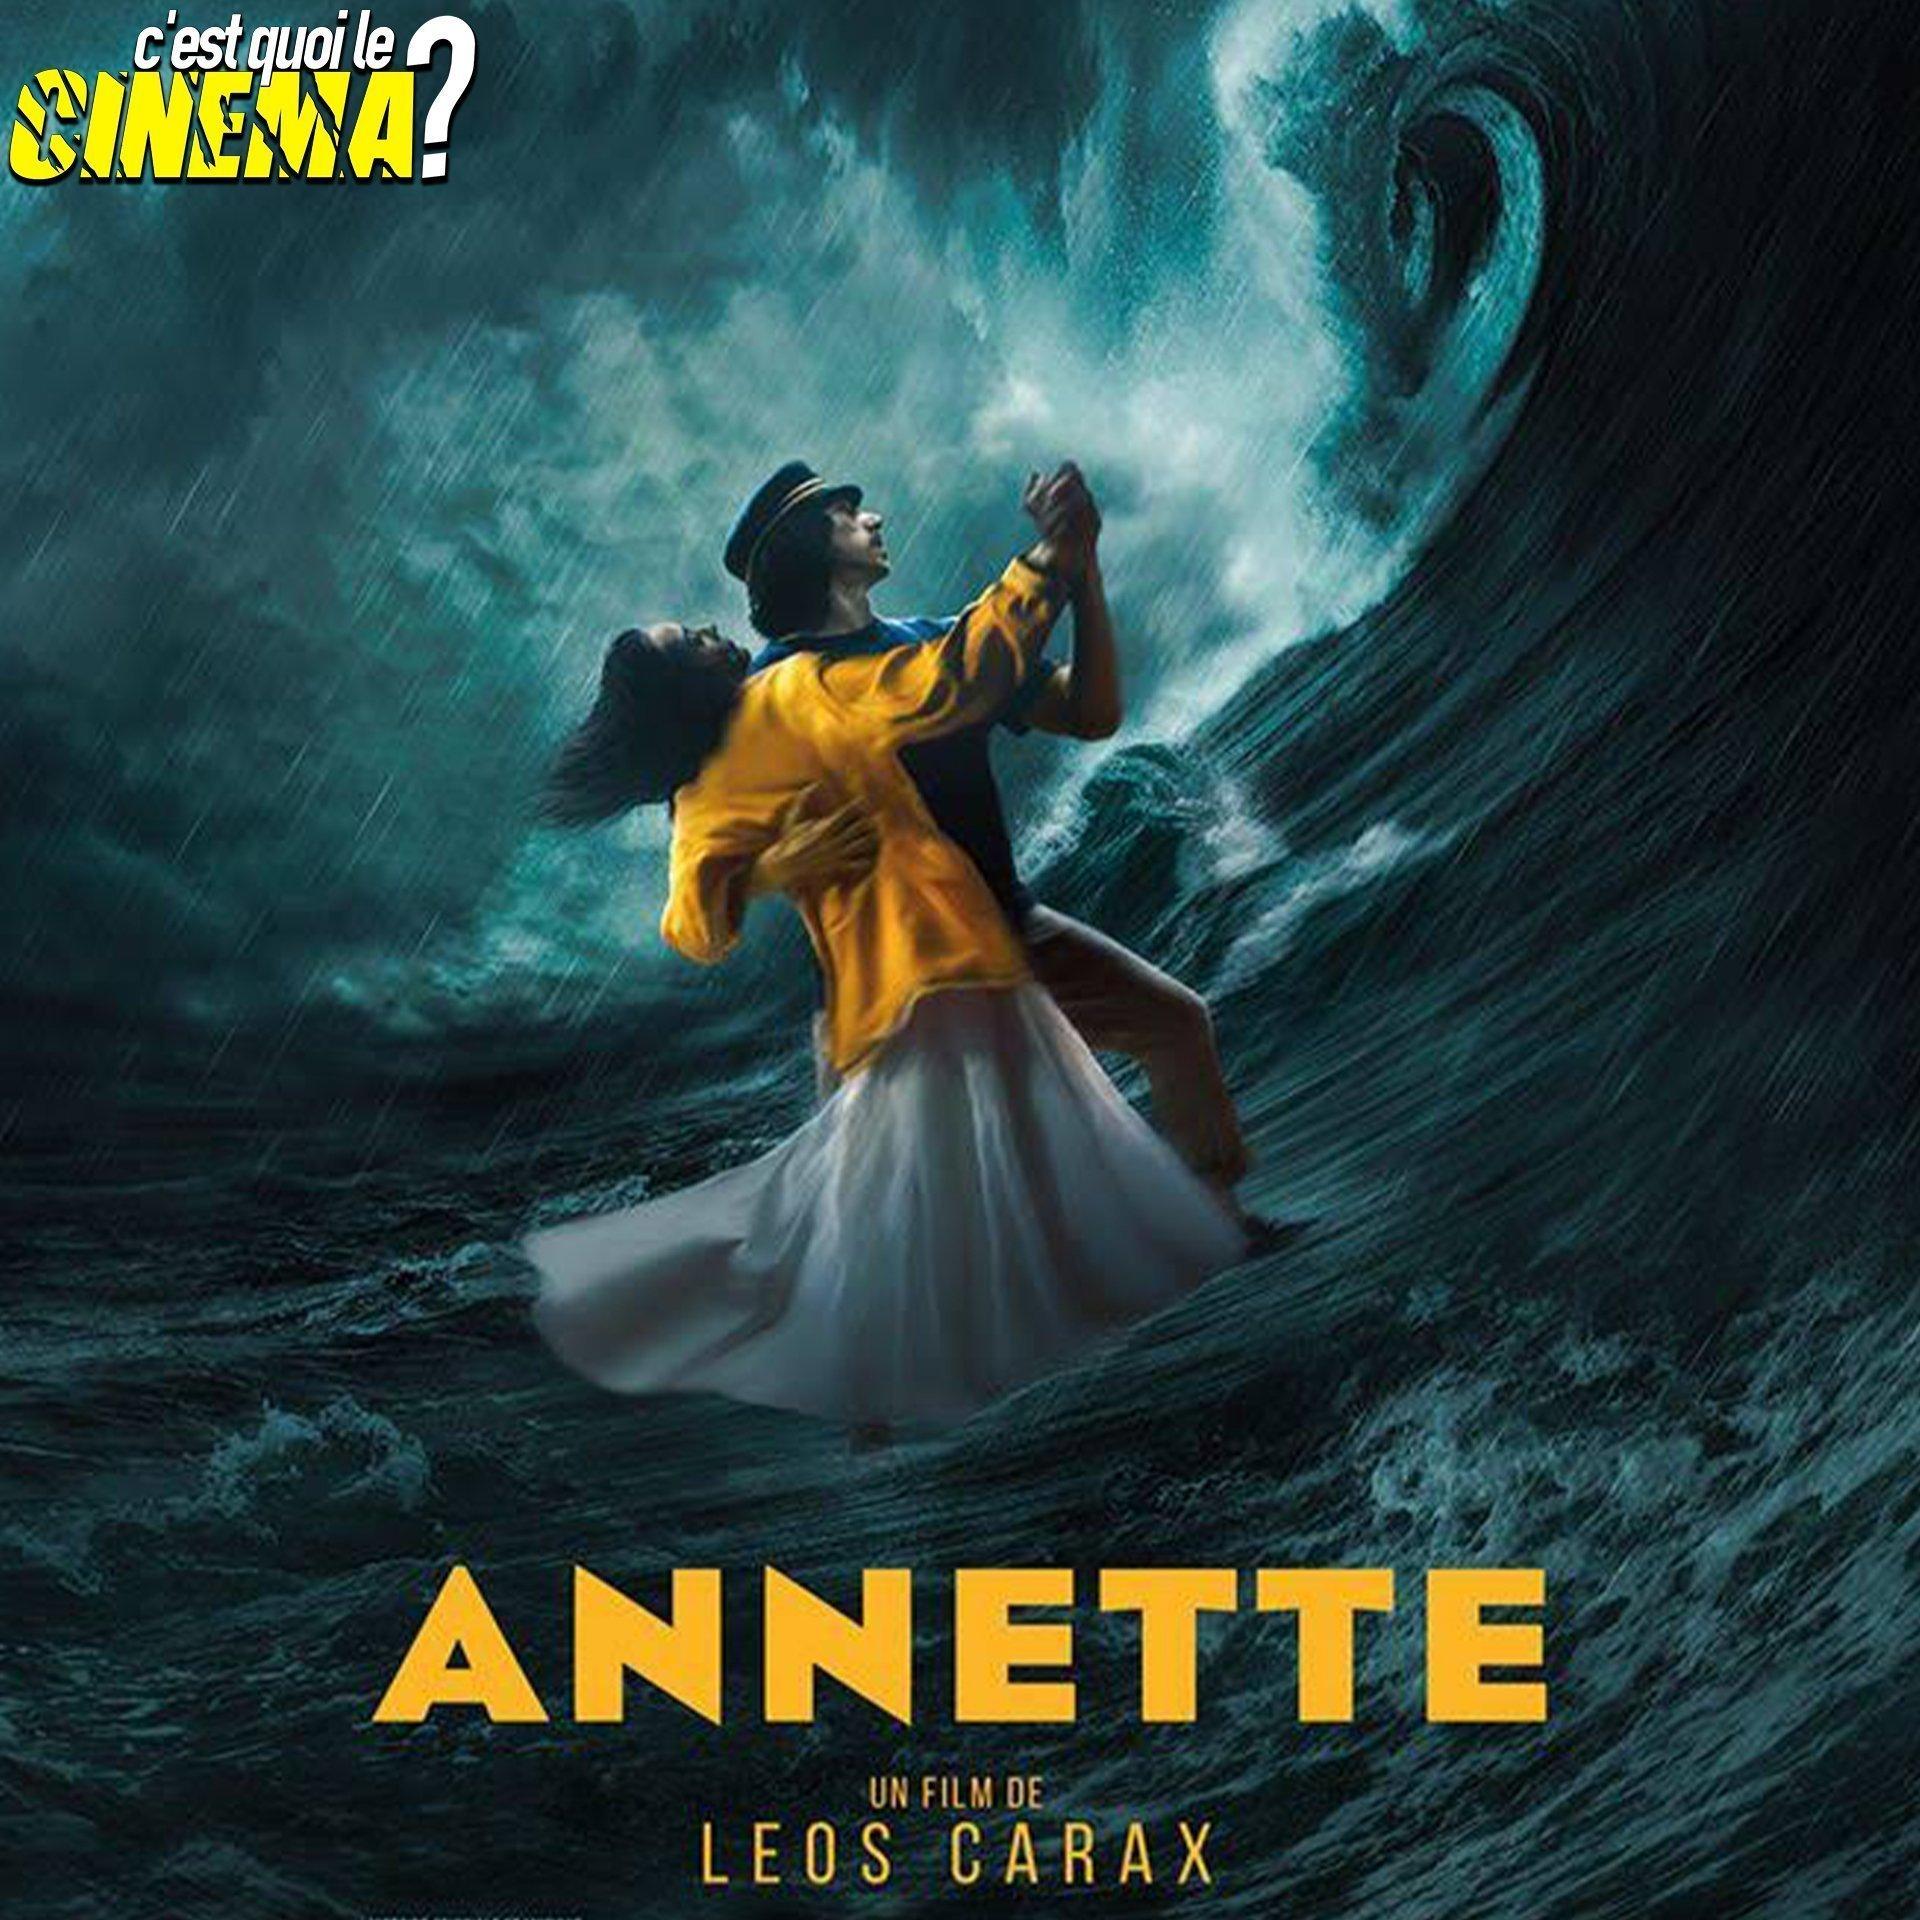 [CRITIQUE] Annette – Carax, l'opéra rock